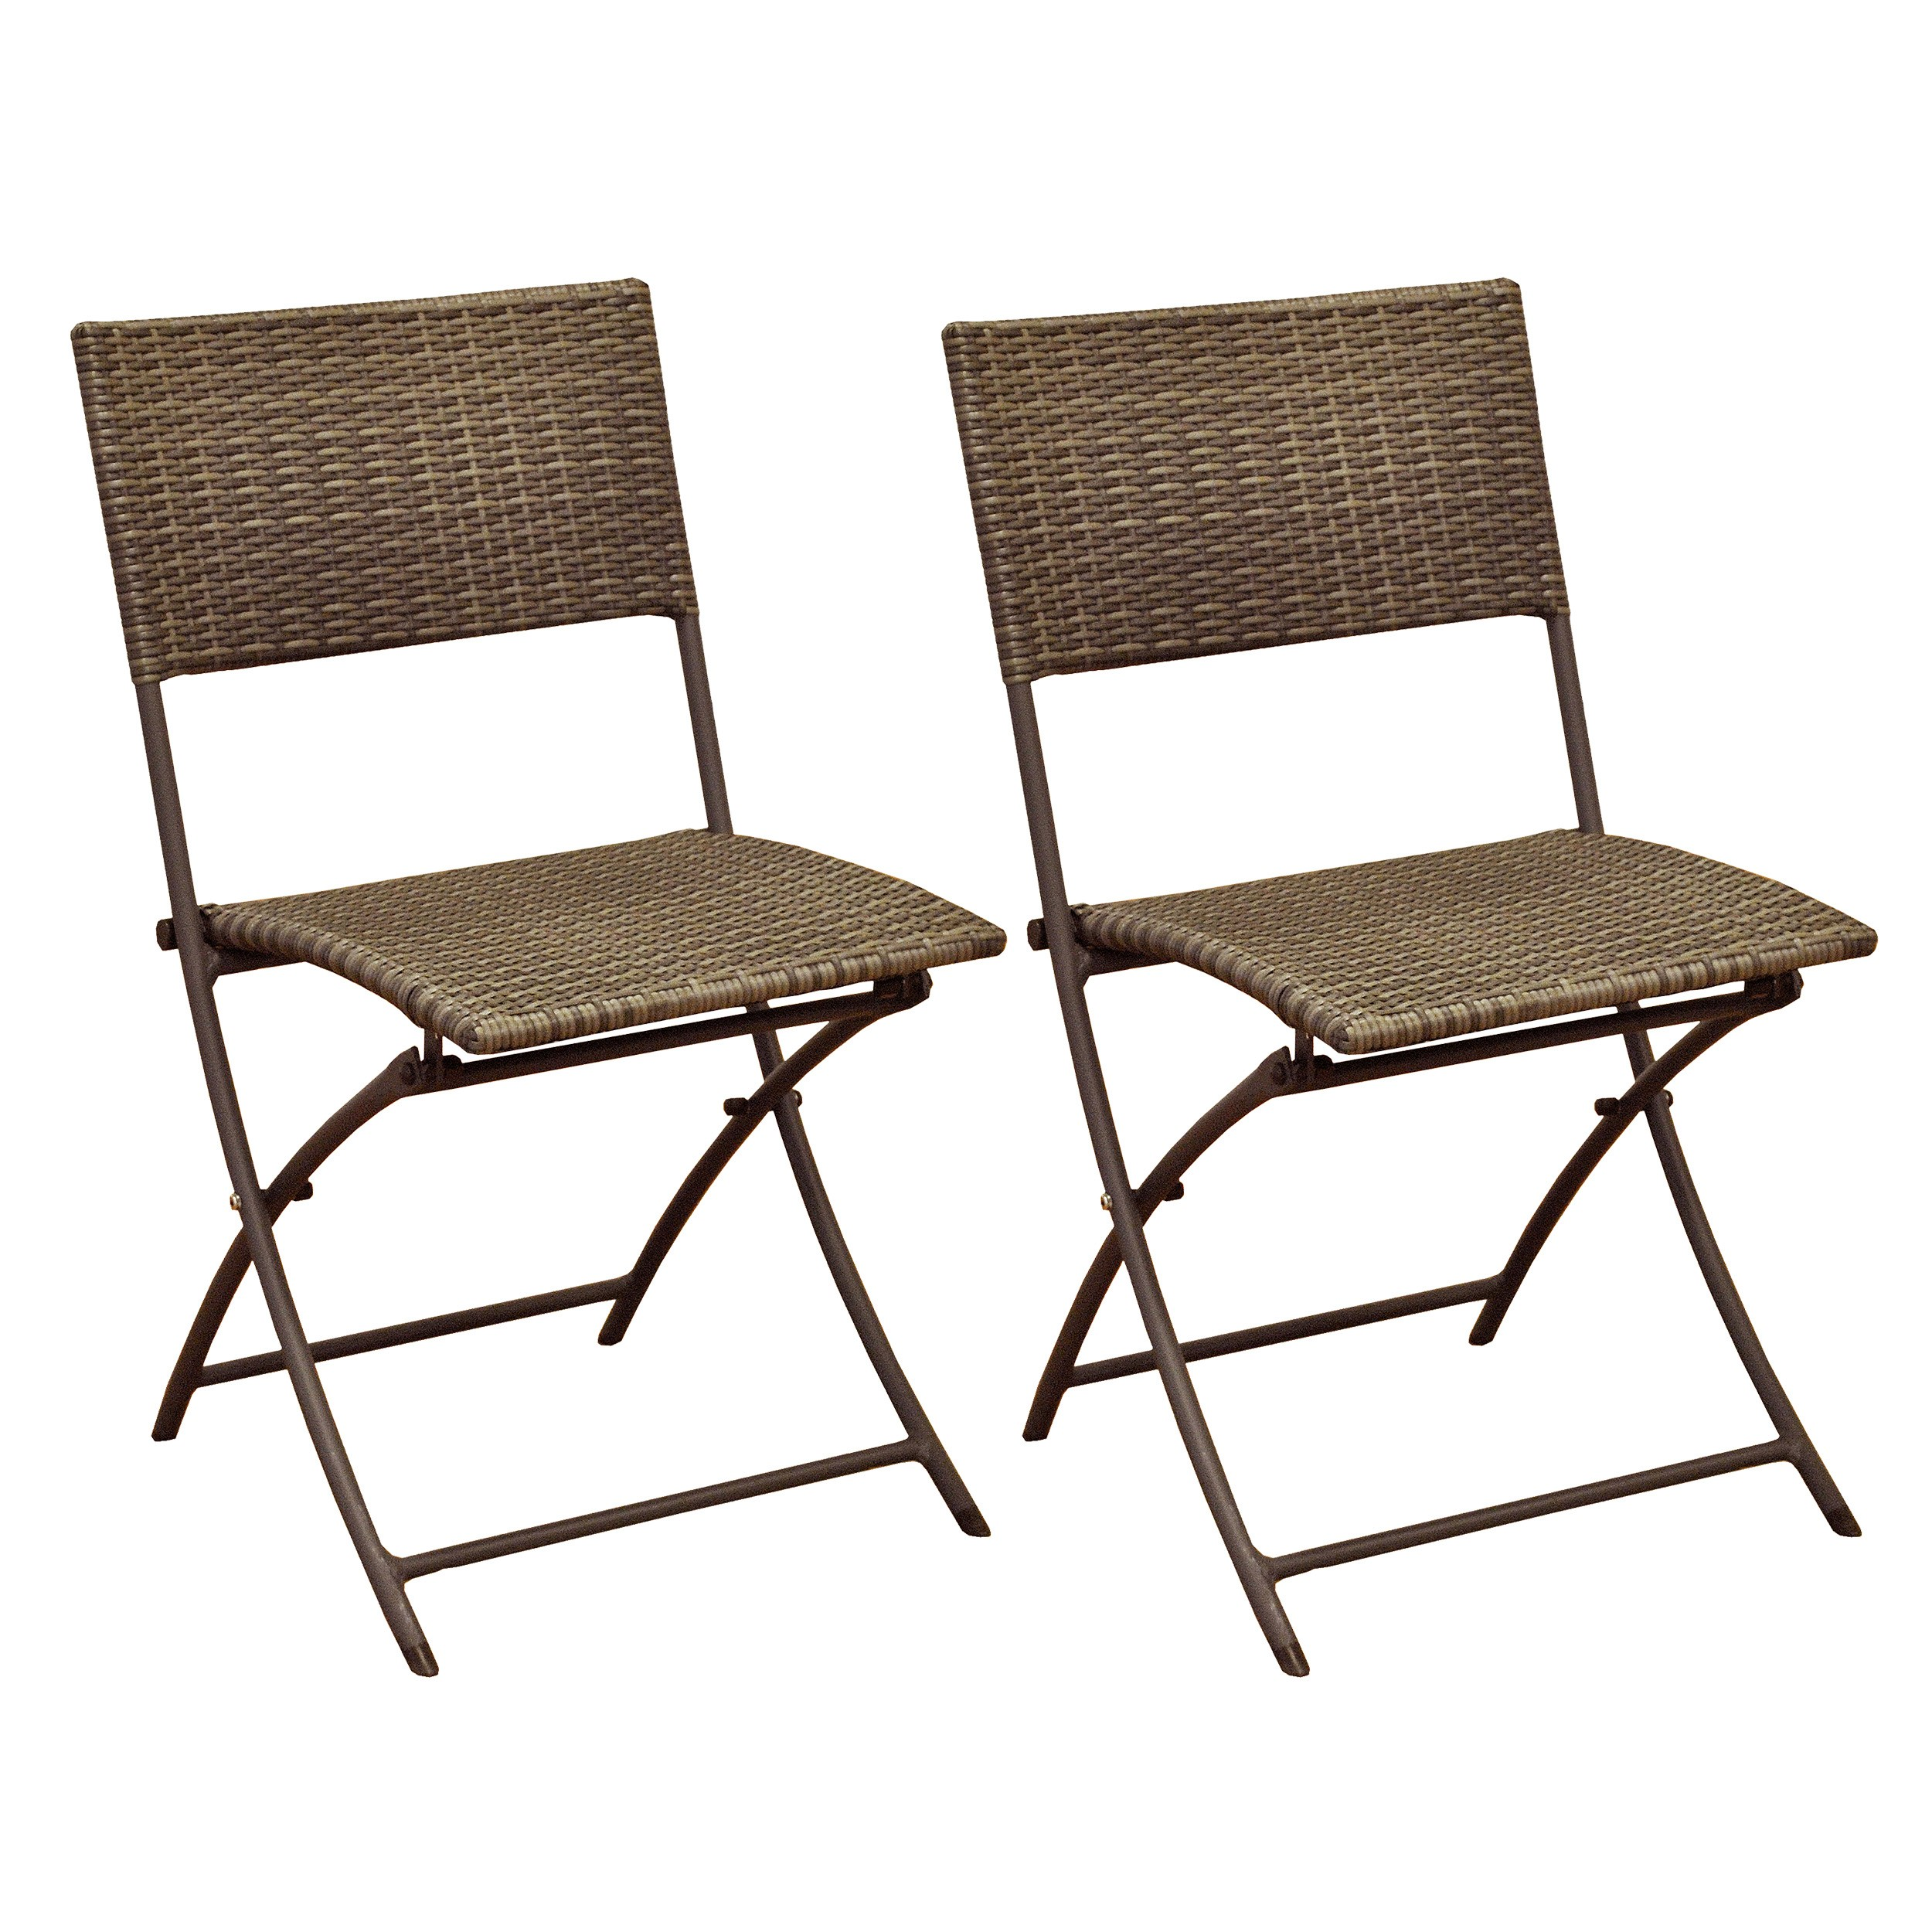 chaise marron d exterieur - Chaise Exterieur